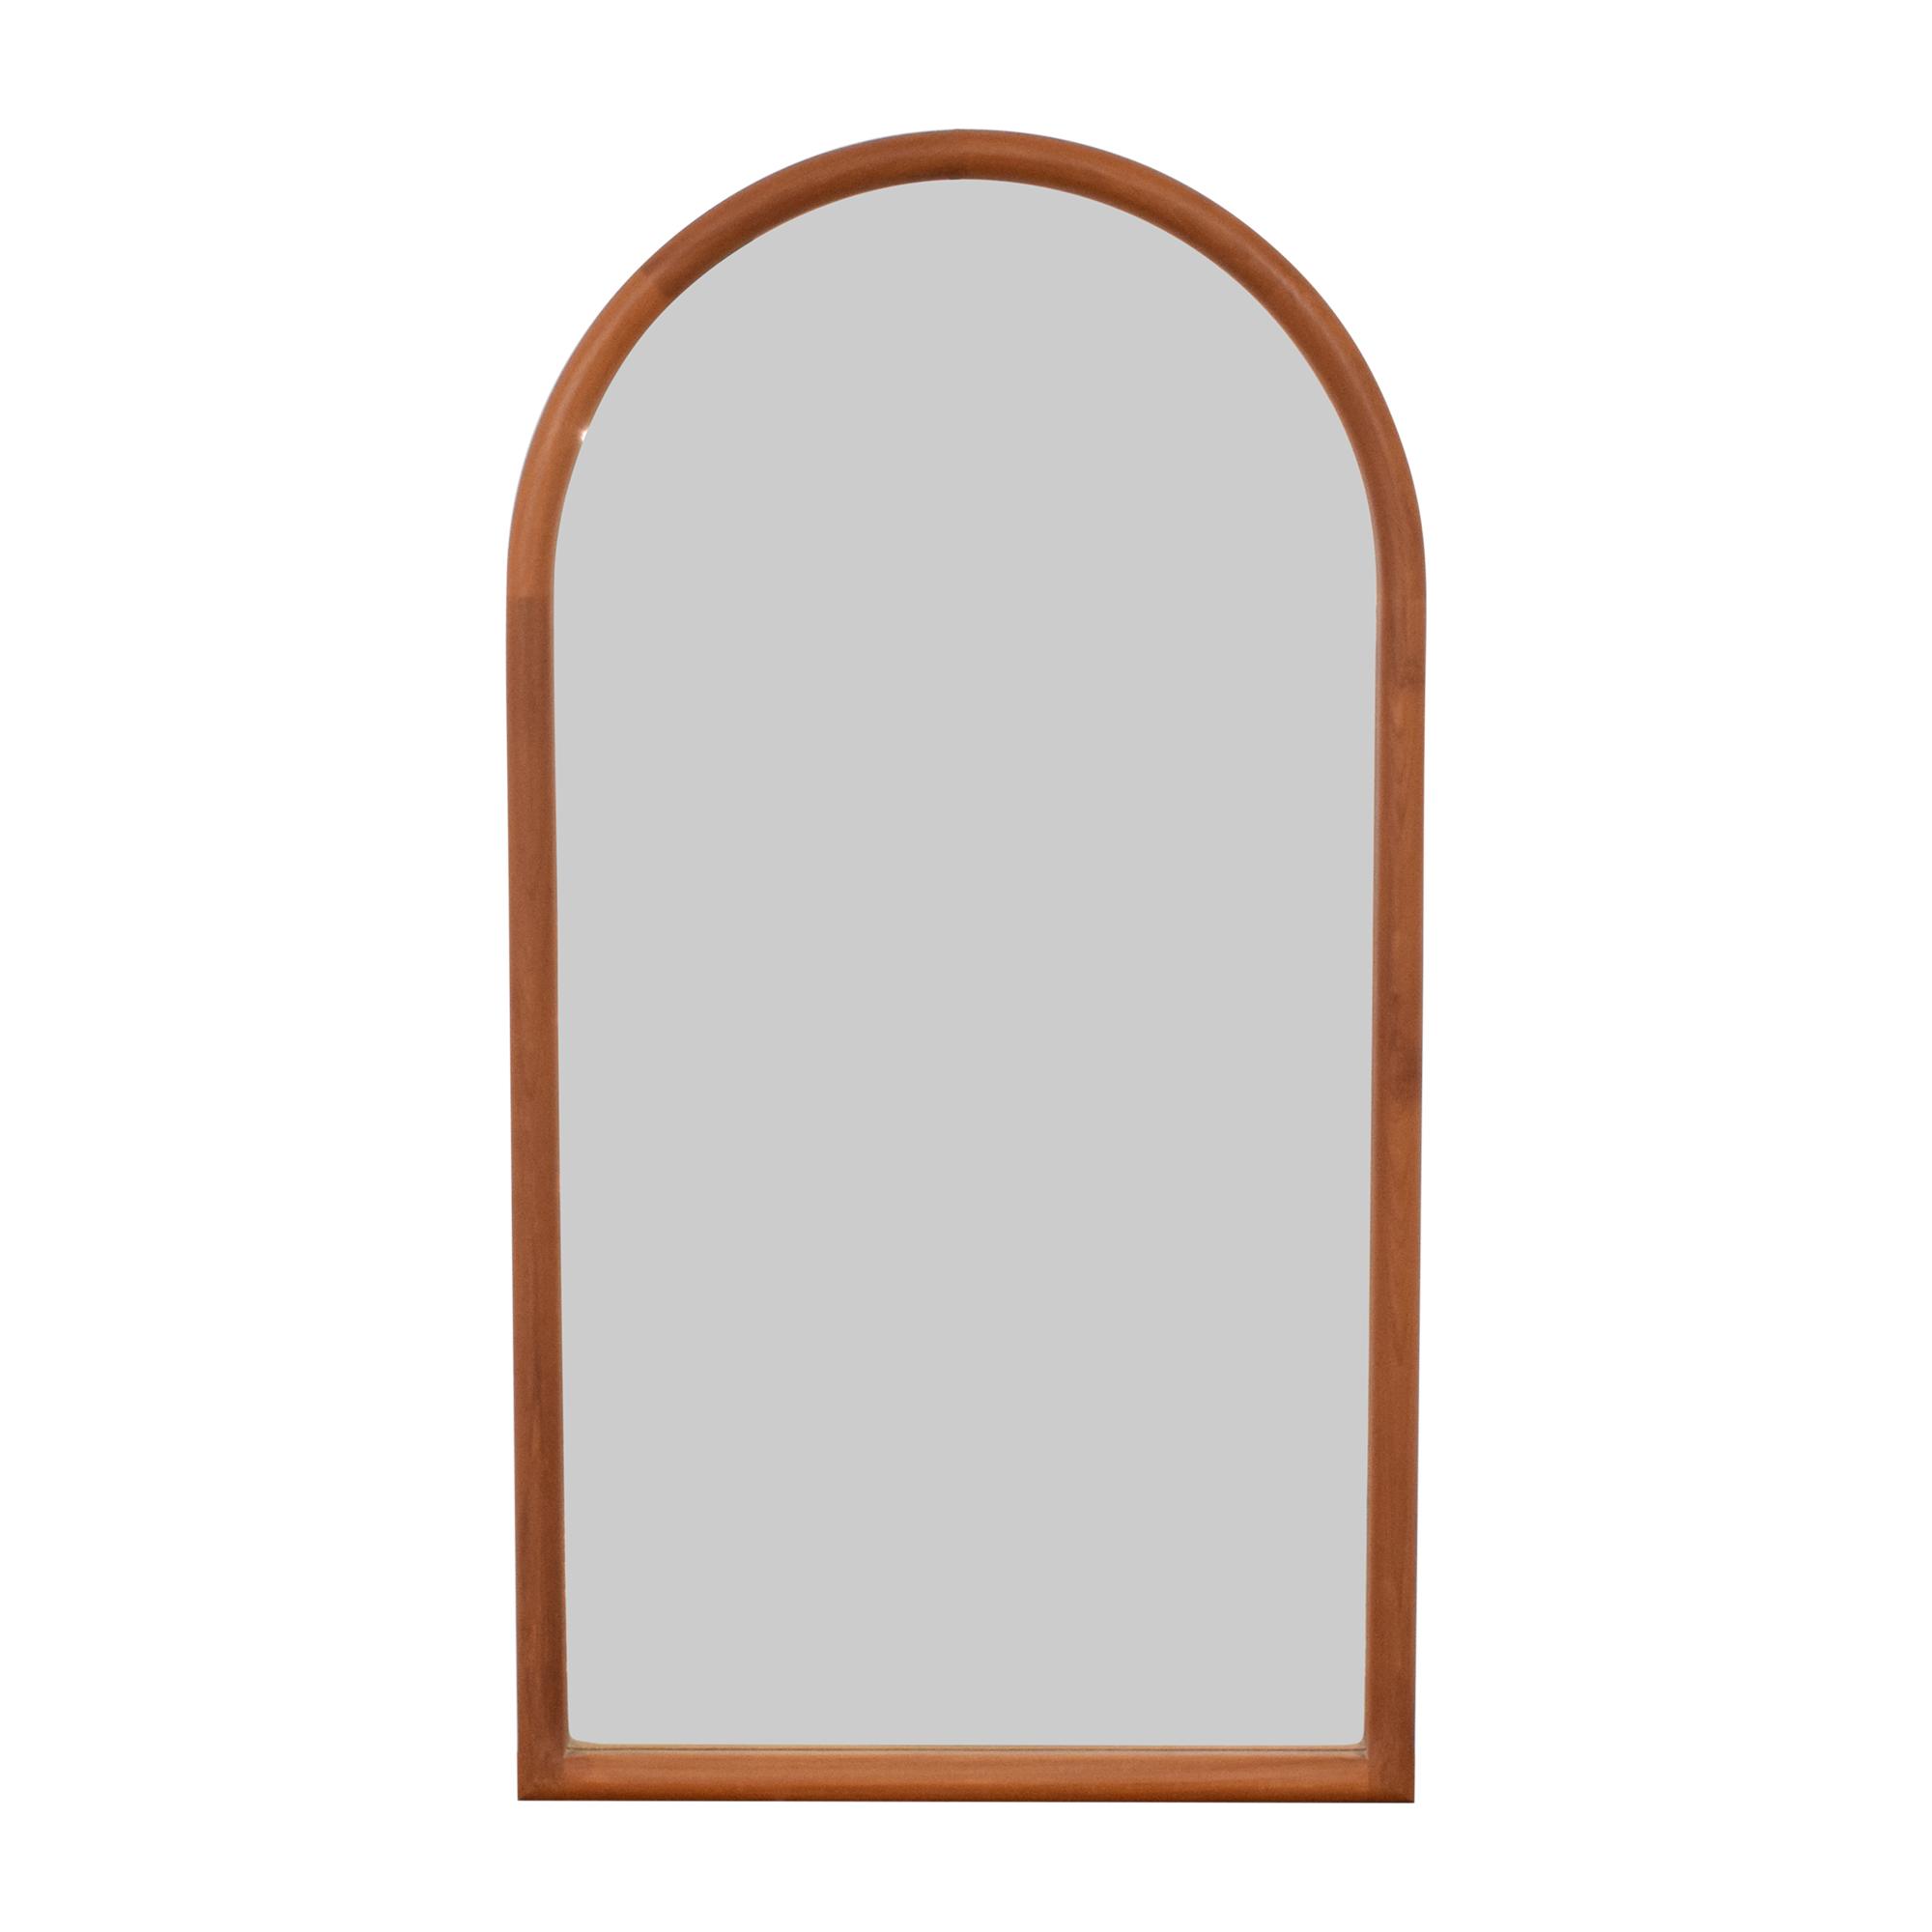 Vildbjerg Mobelfrabrik Vildbjerg Mobelfrabrik Arched Mirror nj